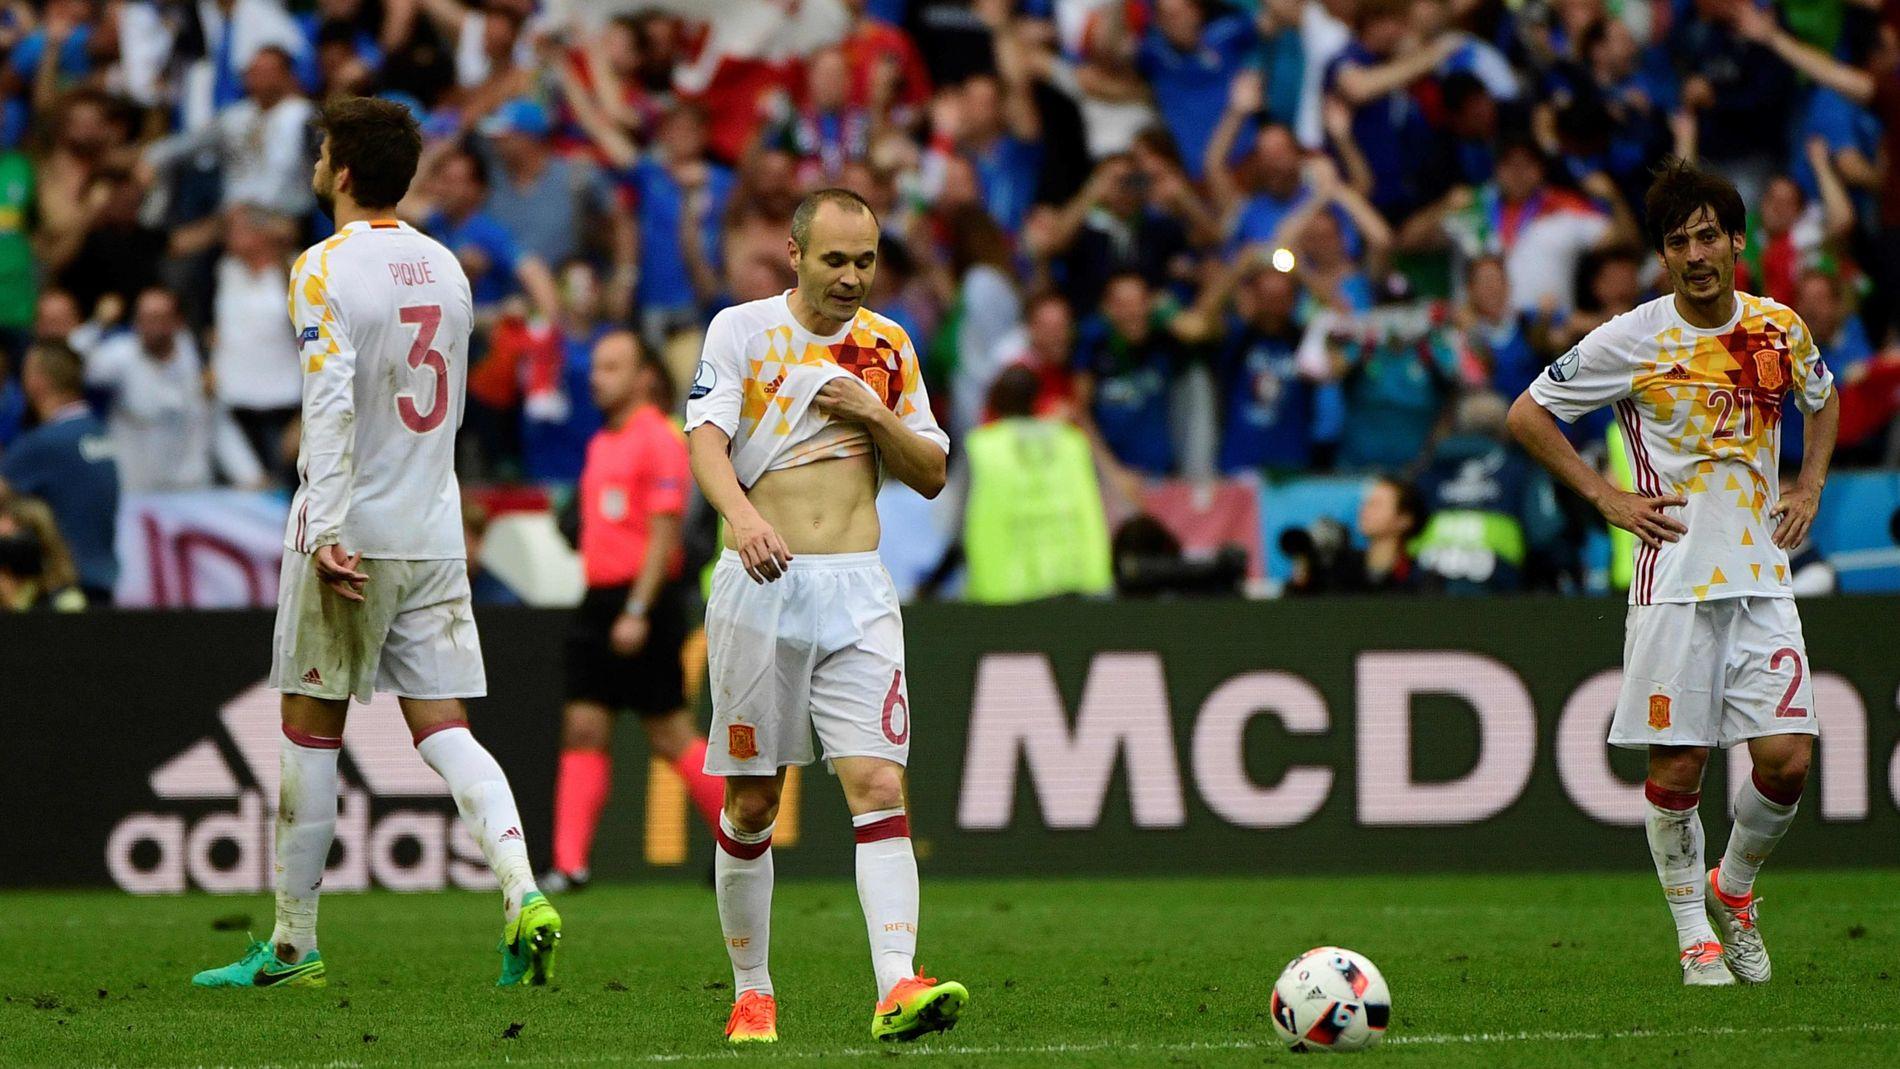 TAPTE: Fra v. Gerard Pique, Andres Iniesta og David Silva etter tapet for Italia.